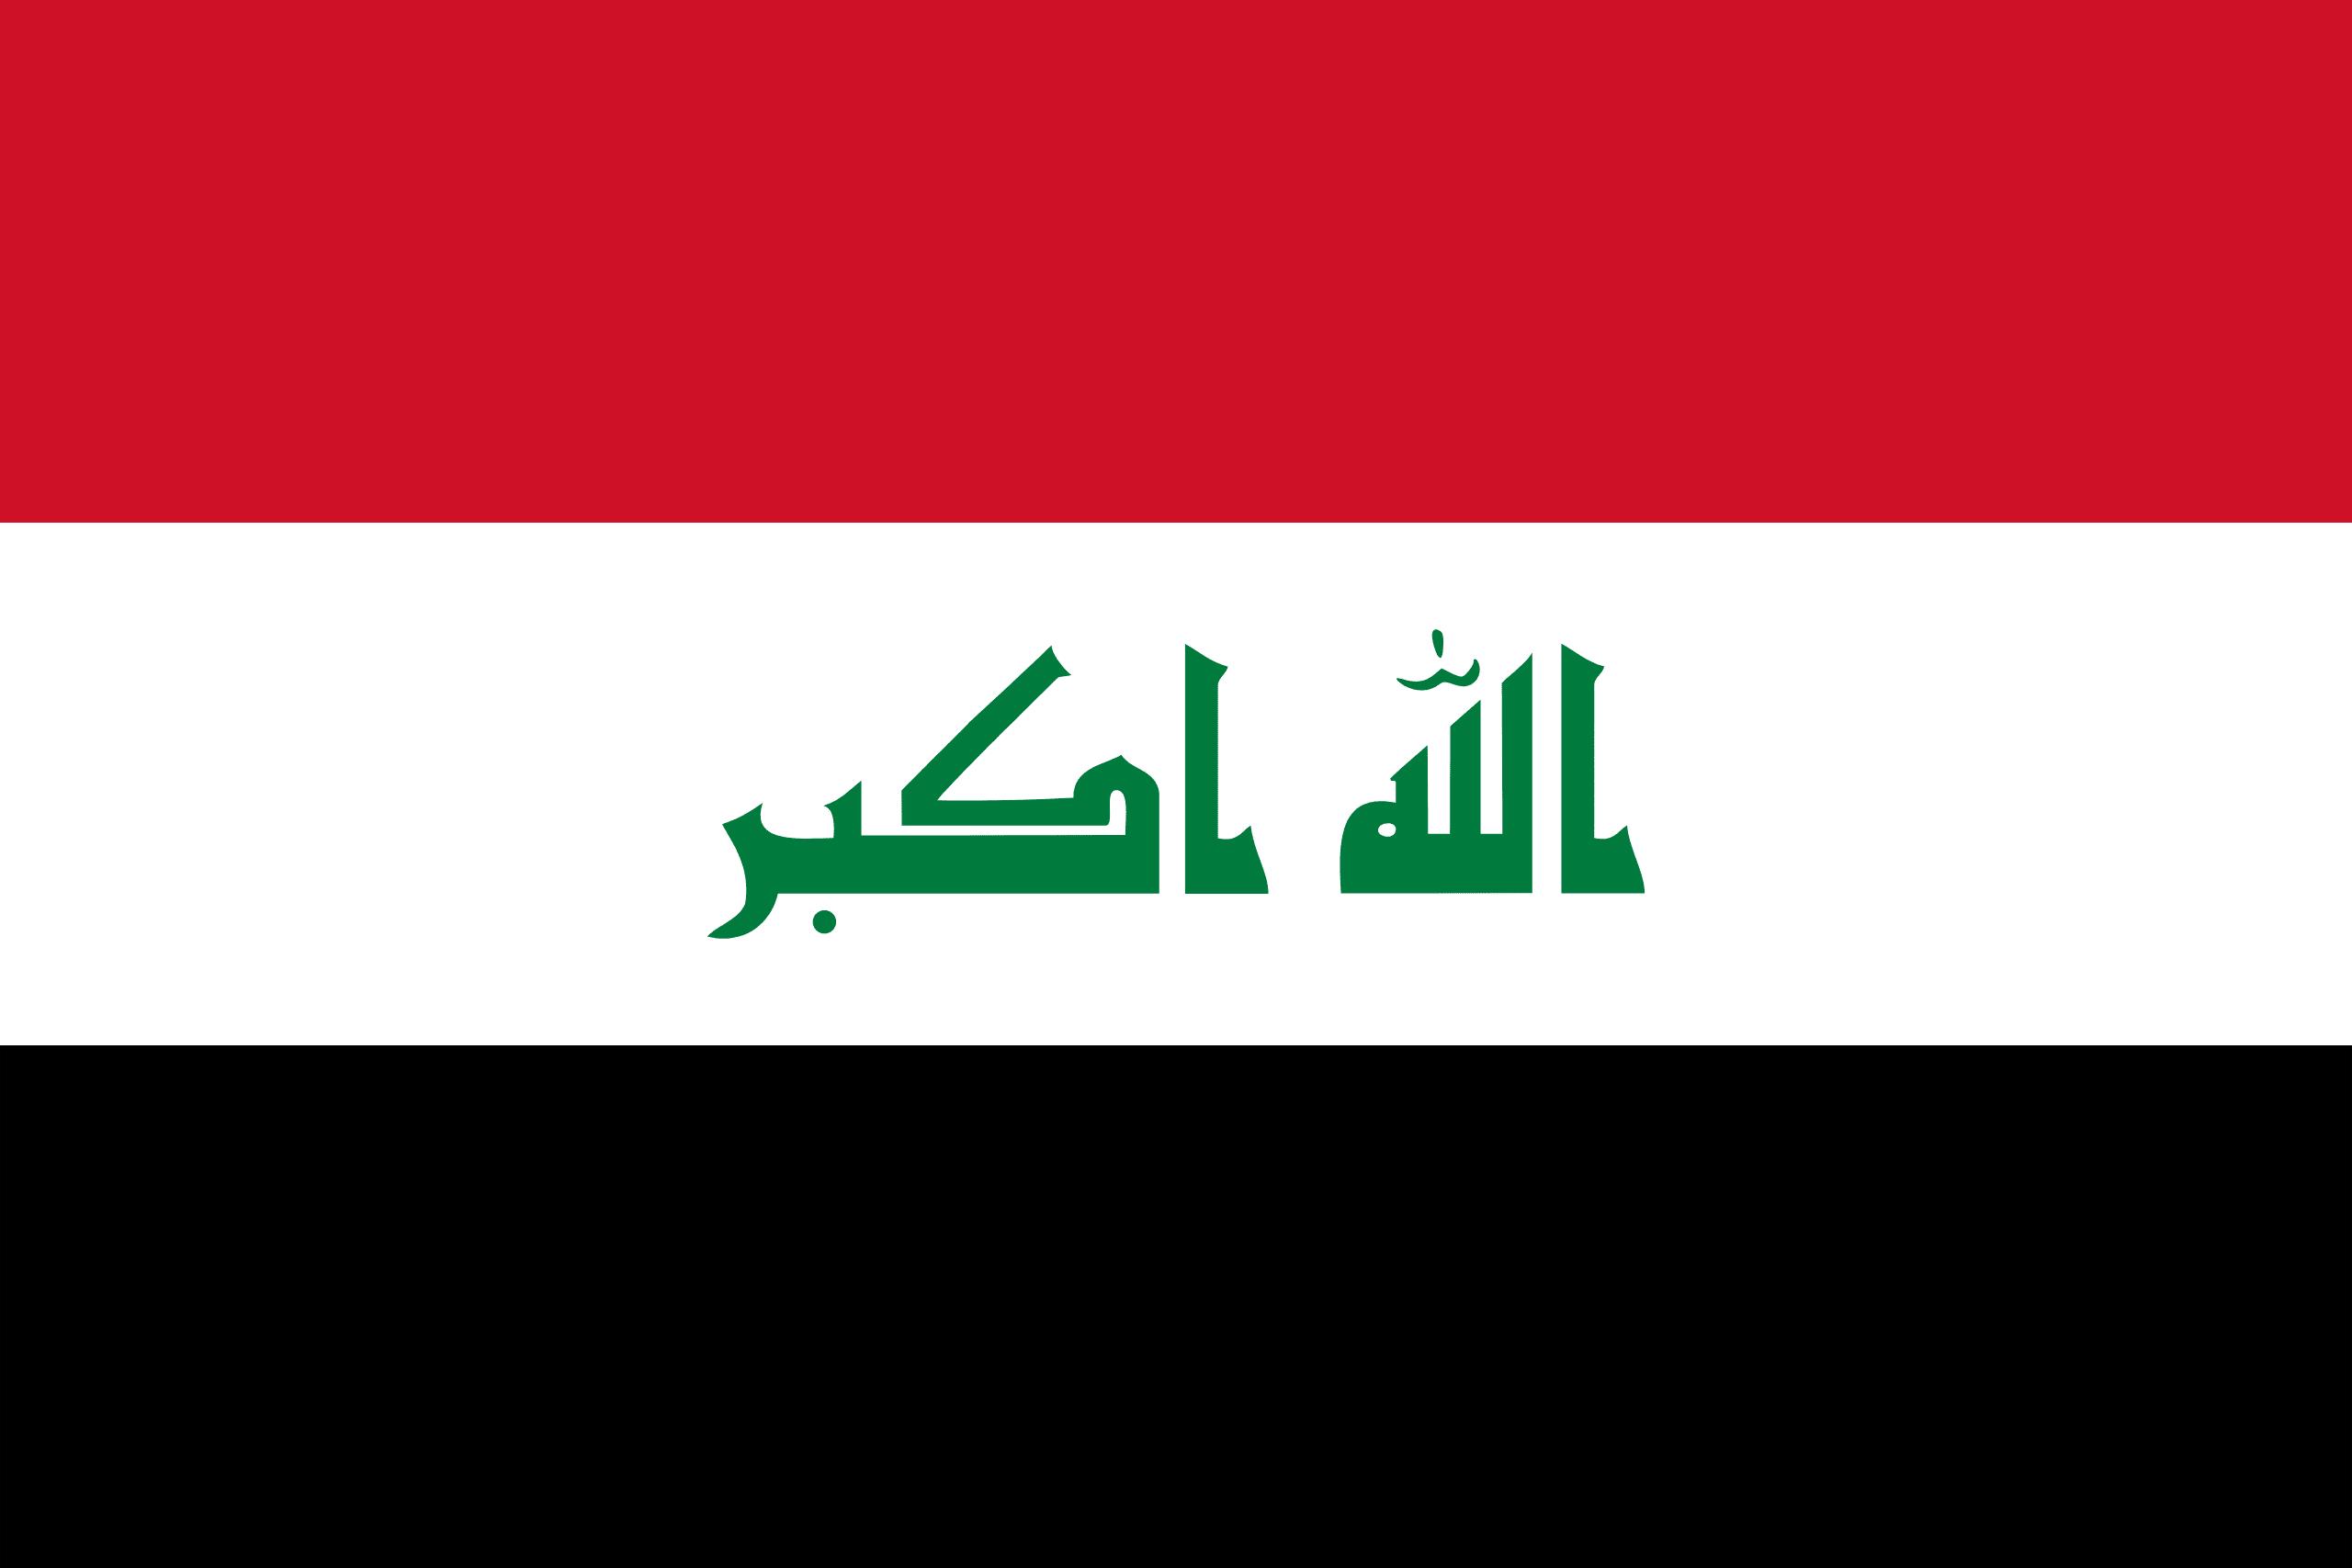 Irak'ın Başkenti ve Para Birimi Nedir? Irak'ın Bayrağı Nasıldır?